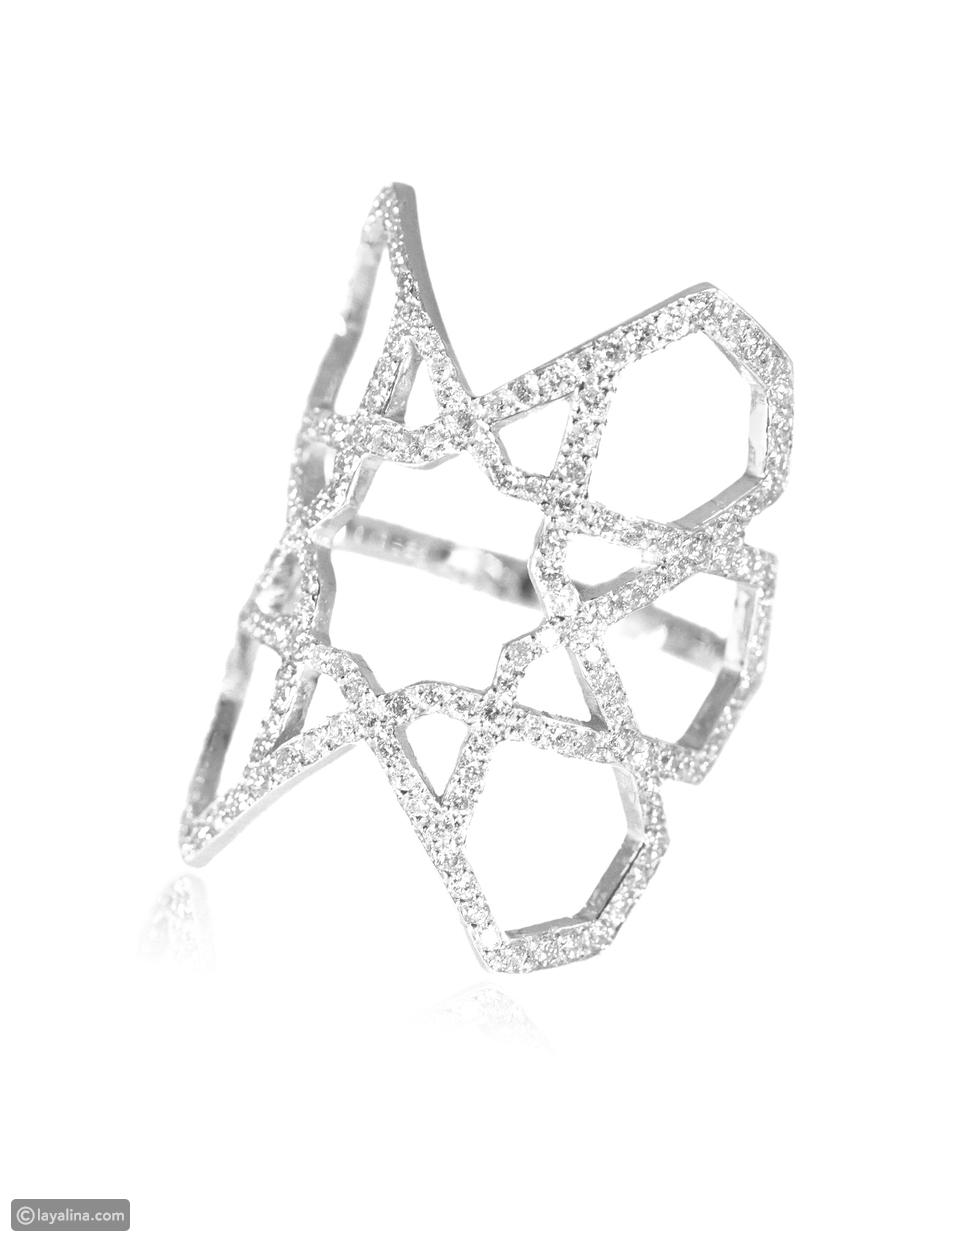 الملكة رانيا ترتدي من مجوهرات رالف المصري